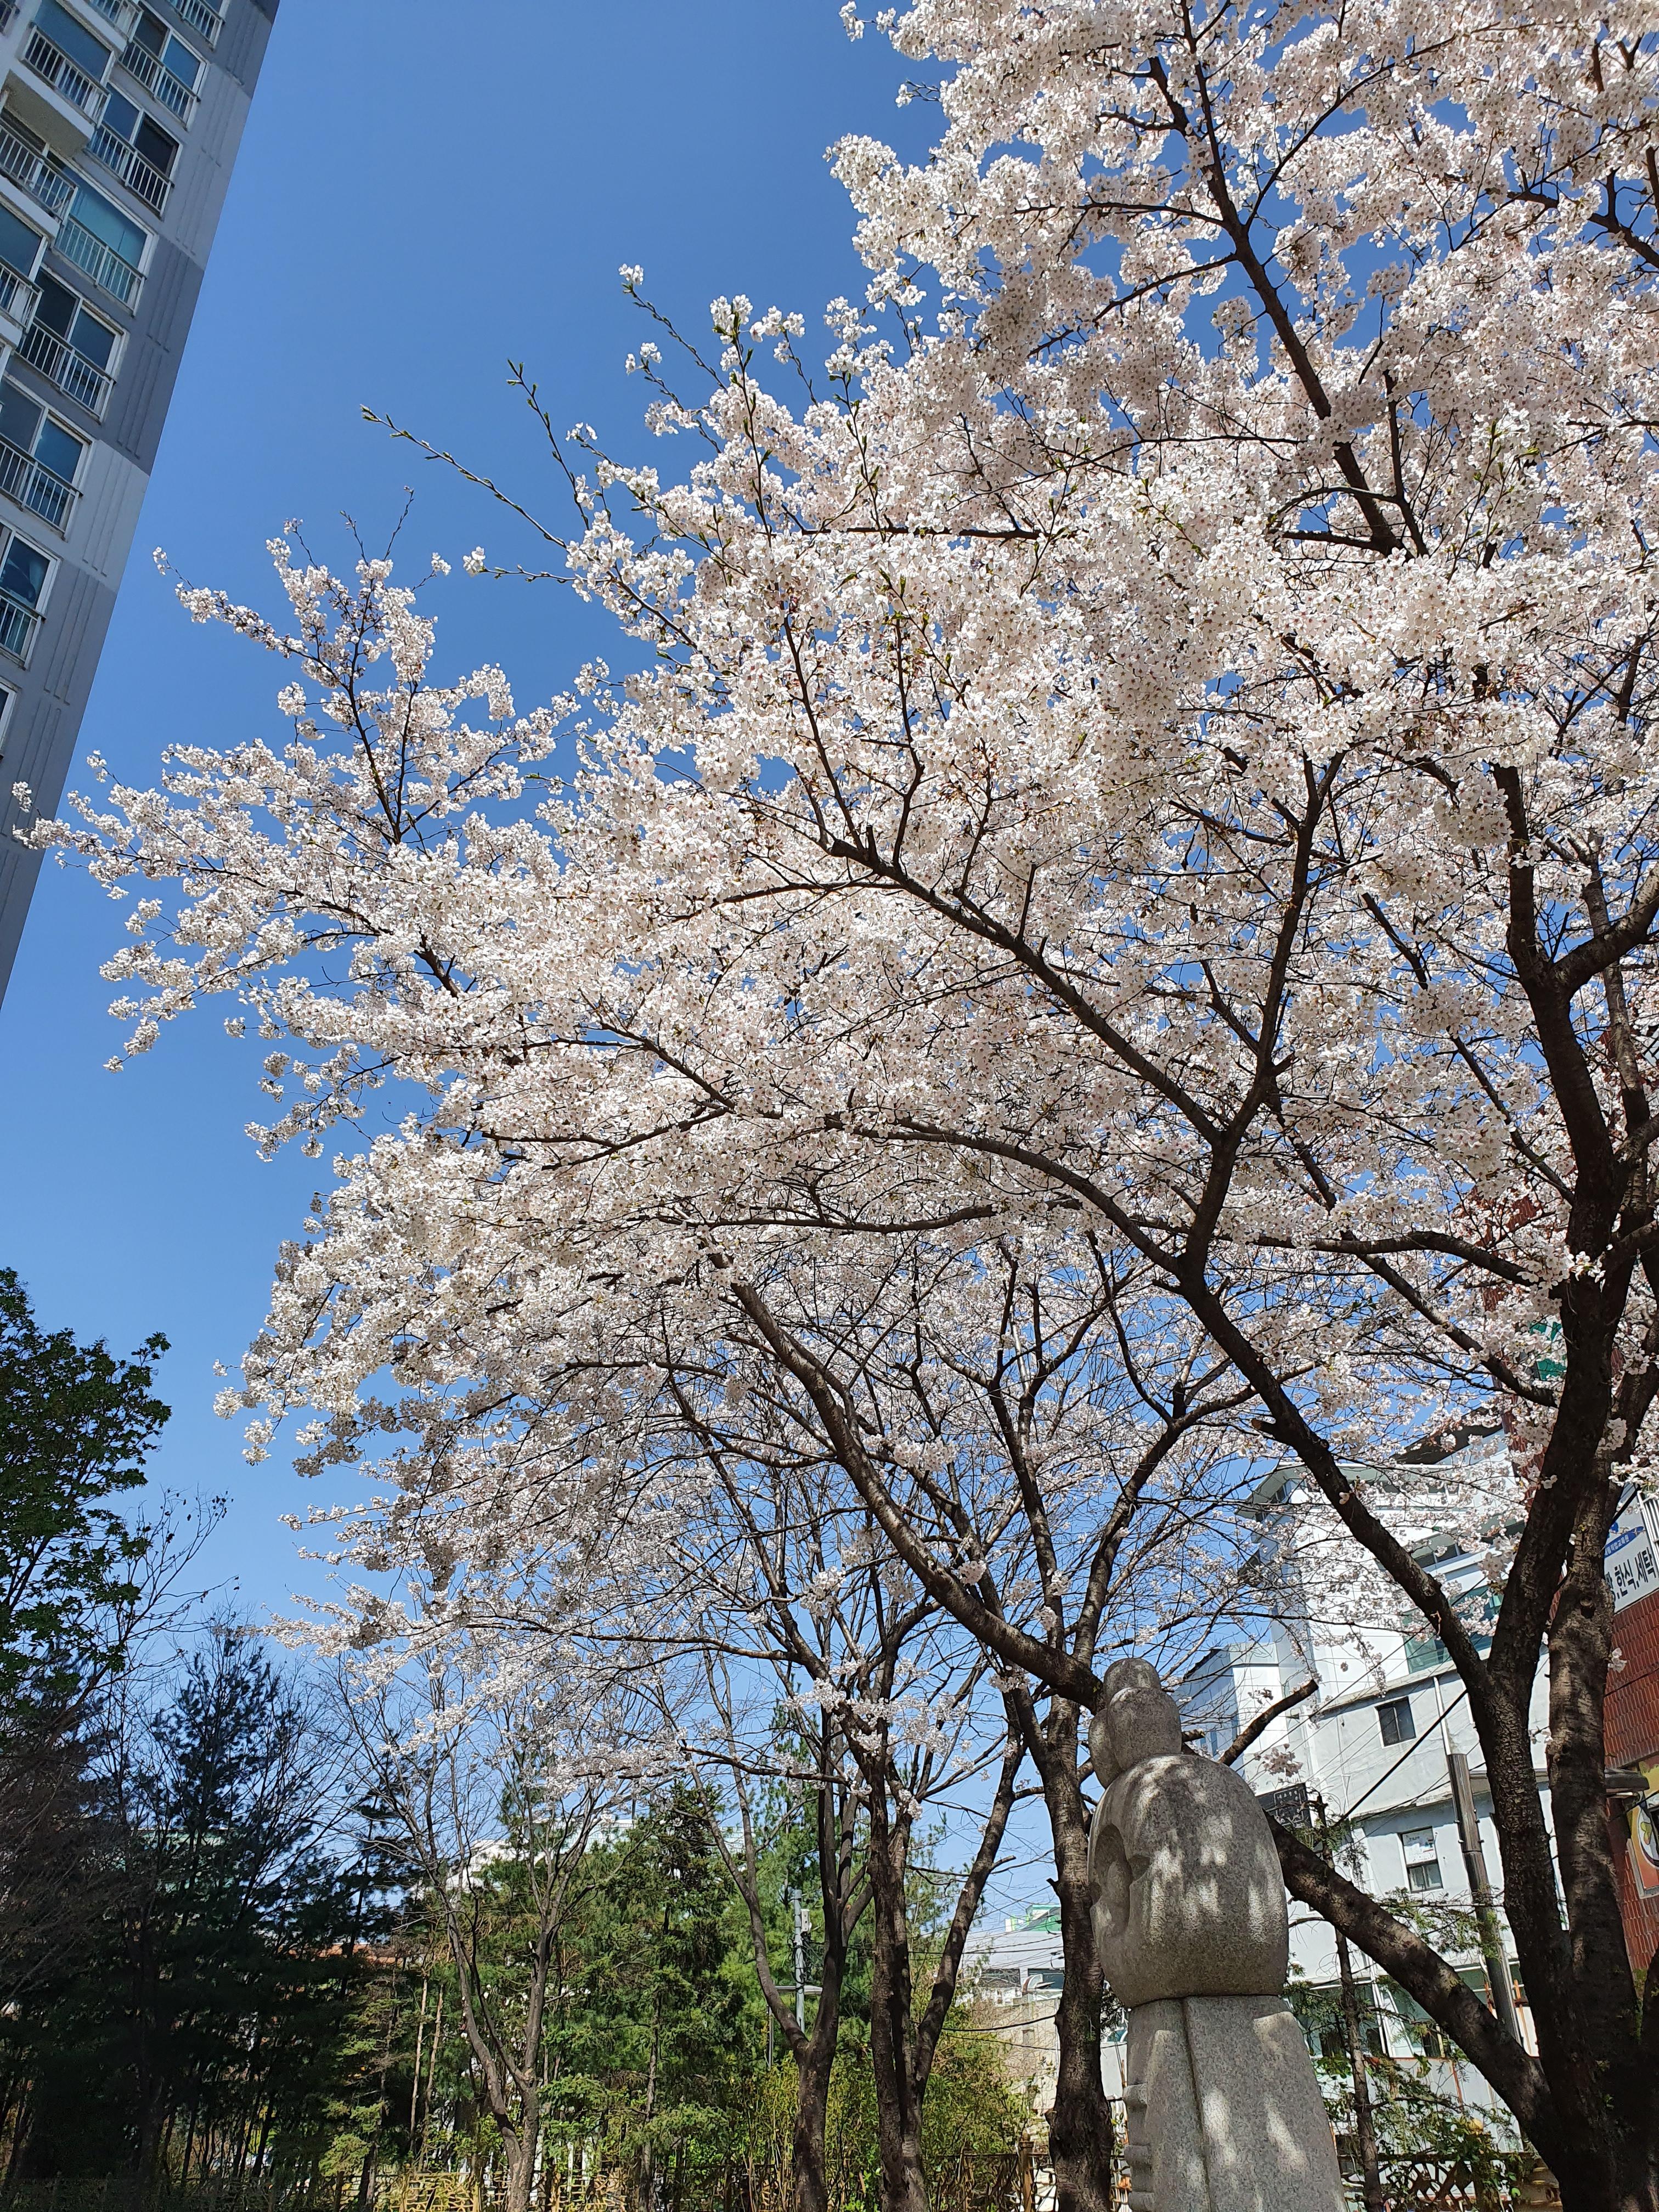 토요일, 병원가는 길(2) : 이렇게라도 만나서 반가웠던 벚꽃... 안녕